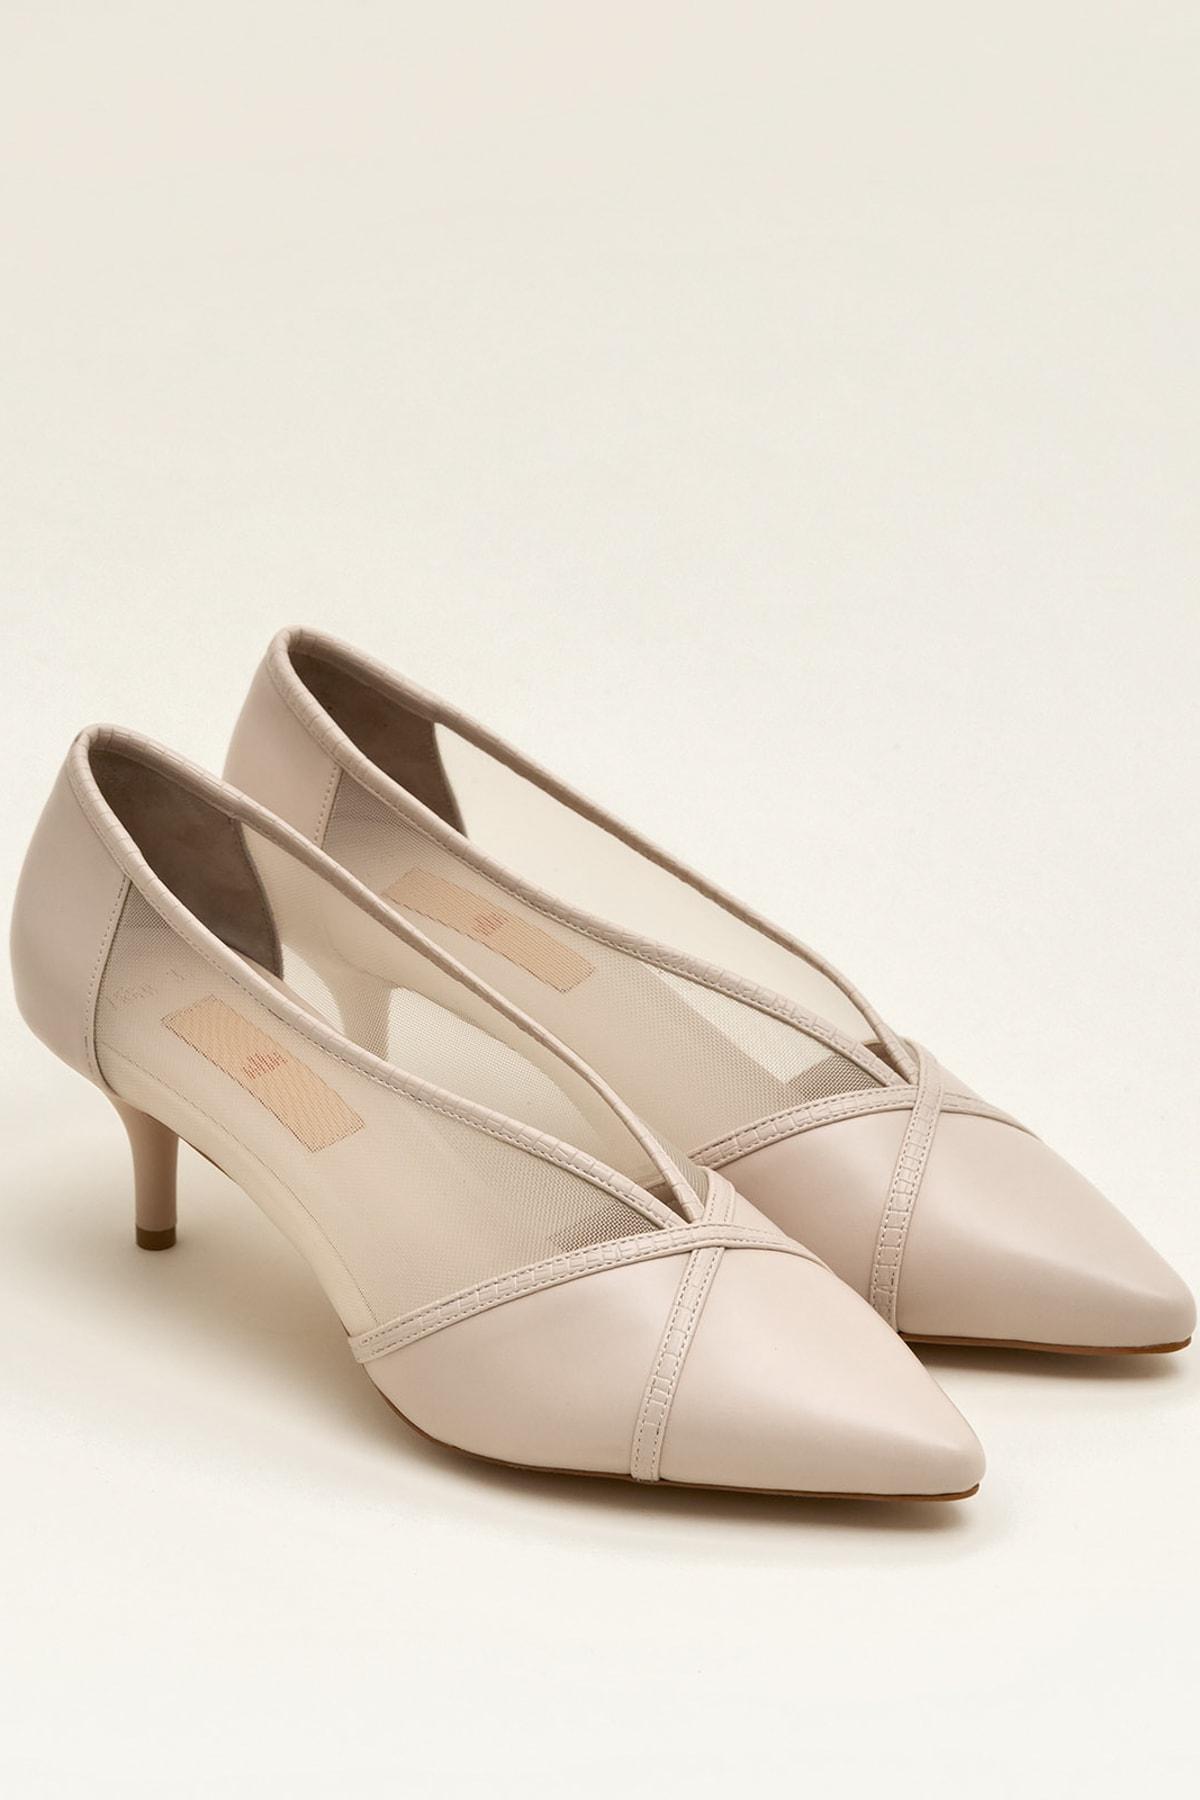 Elle Shoes MIKENNAA Bej Kadın Ayakkabı 2